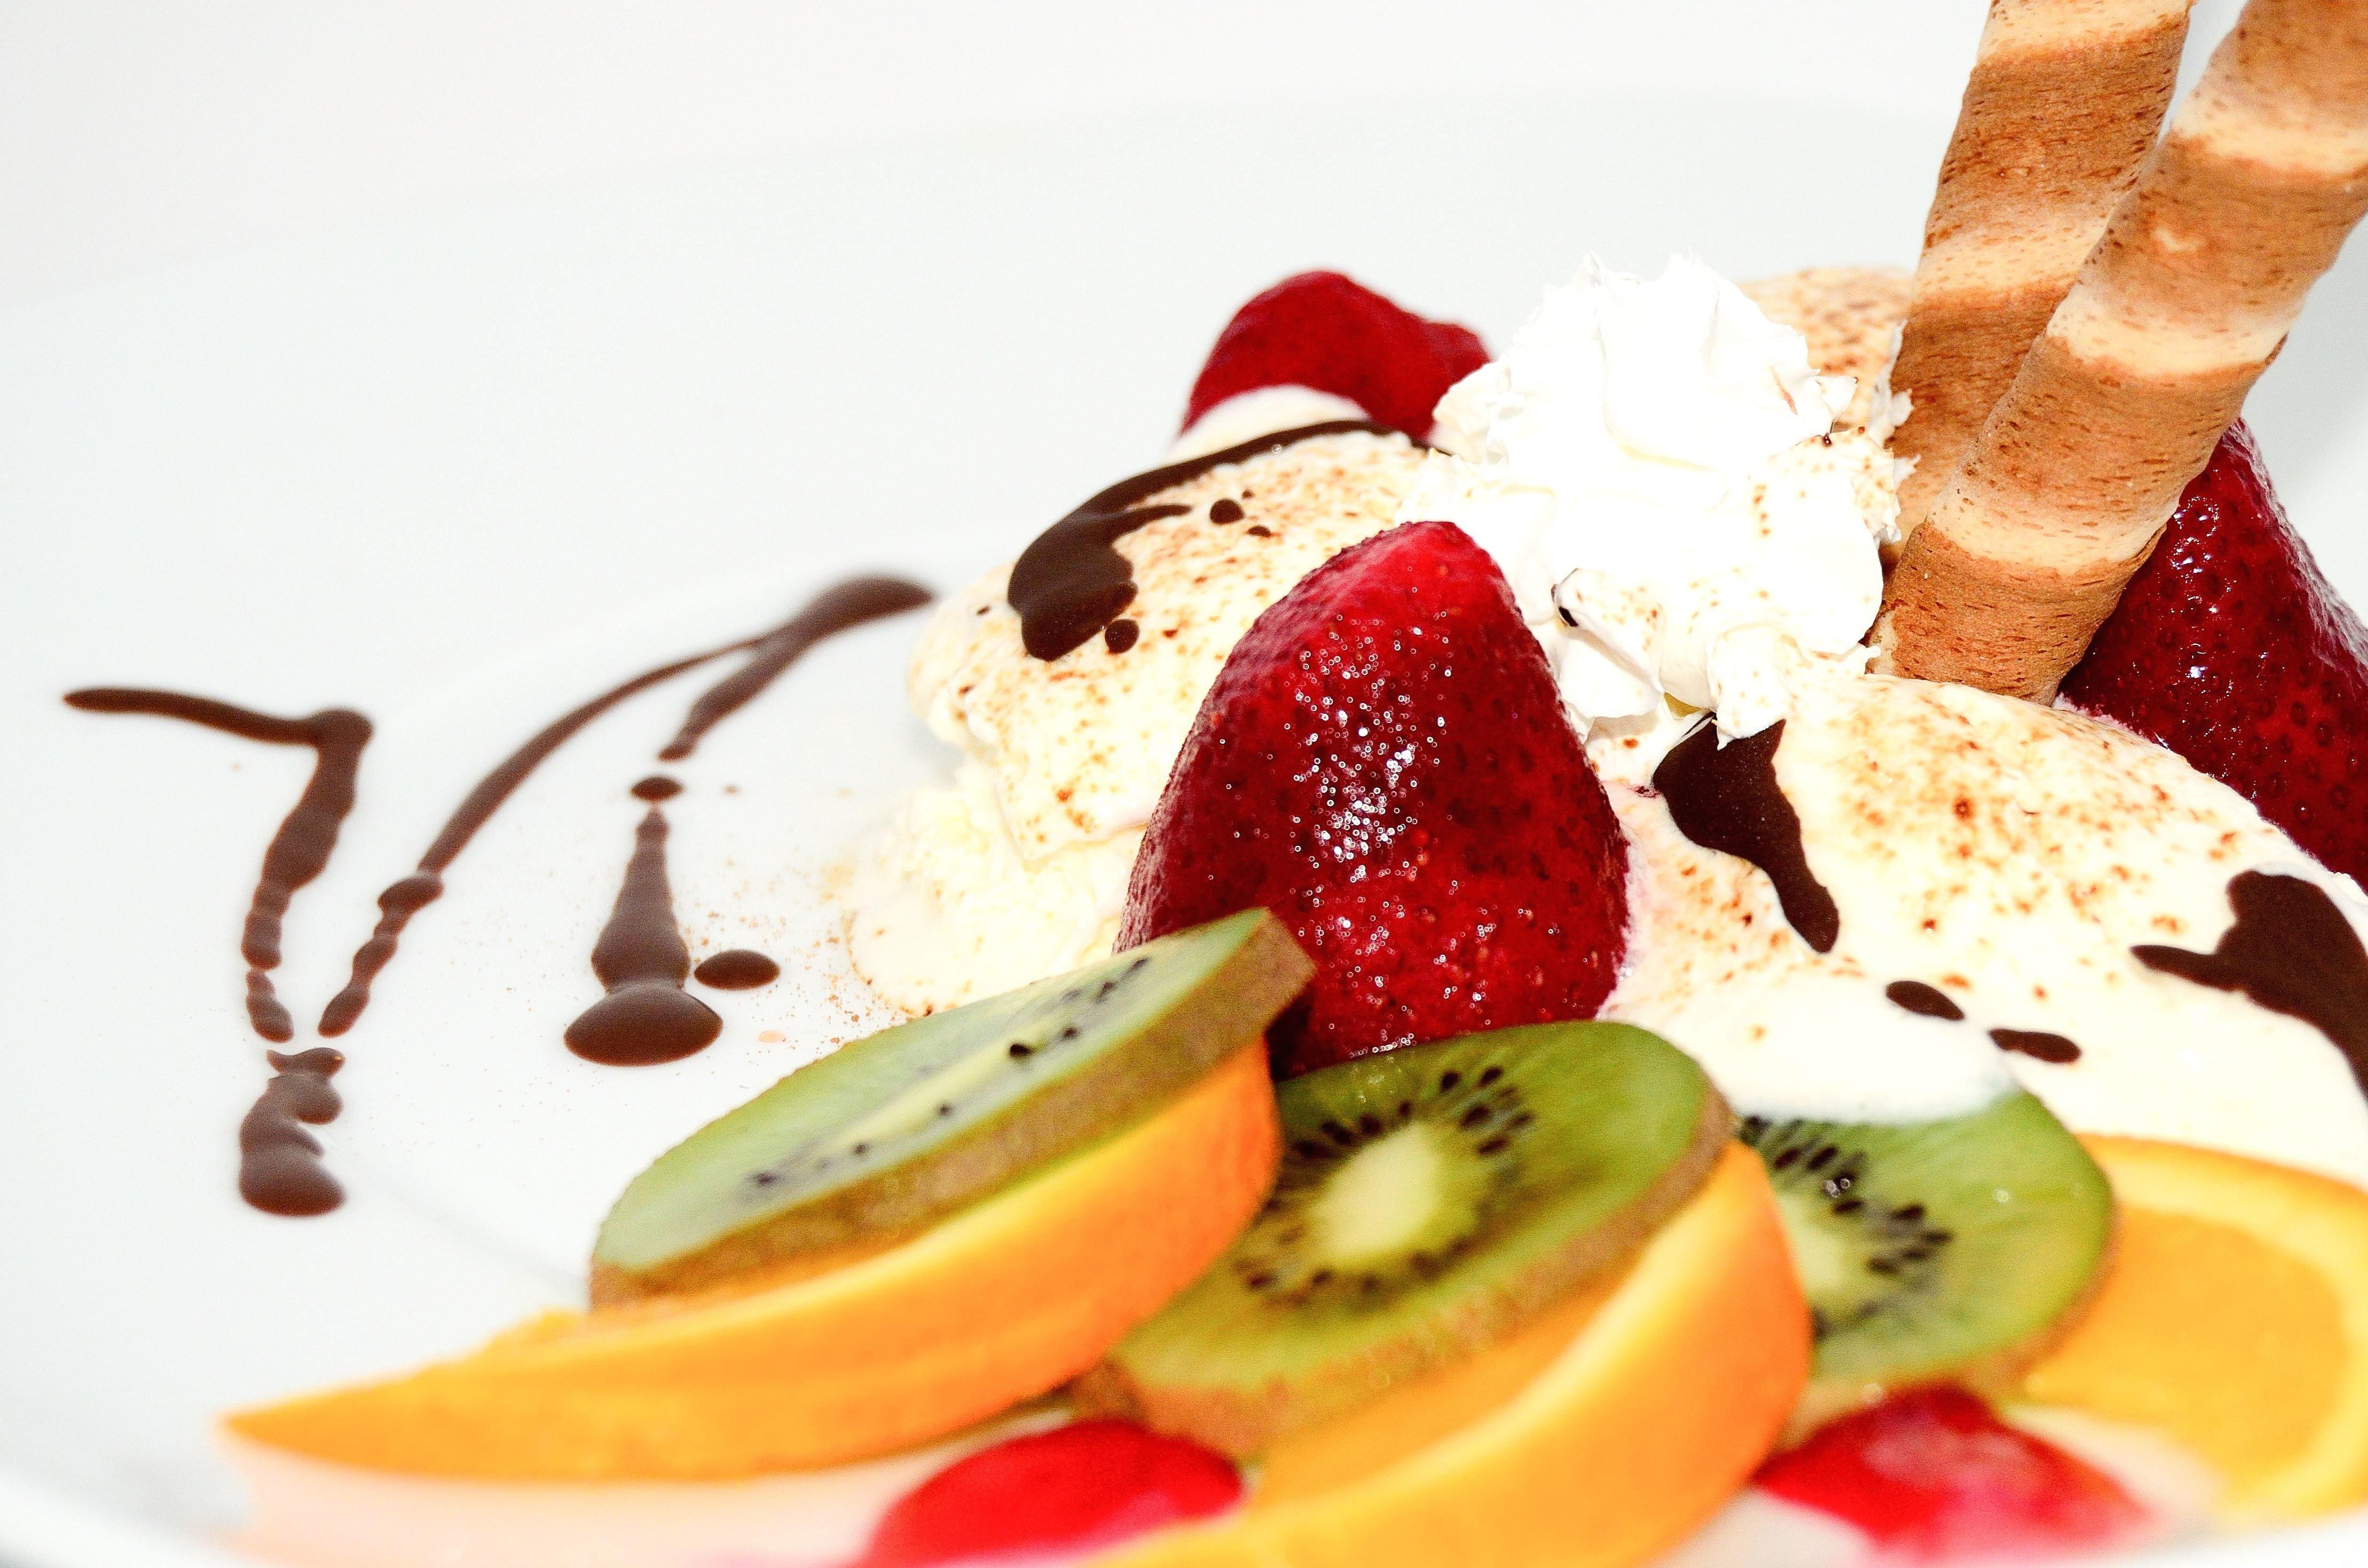 Image Libre Kiwi Fraise Crème Glaces Chocolat Dessert